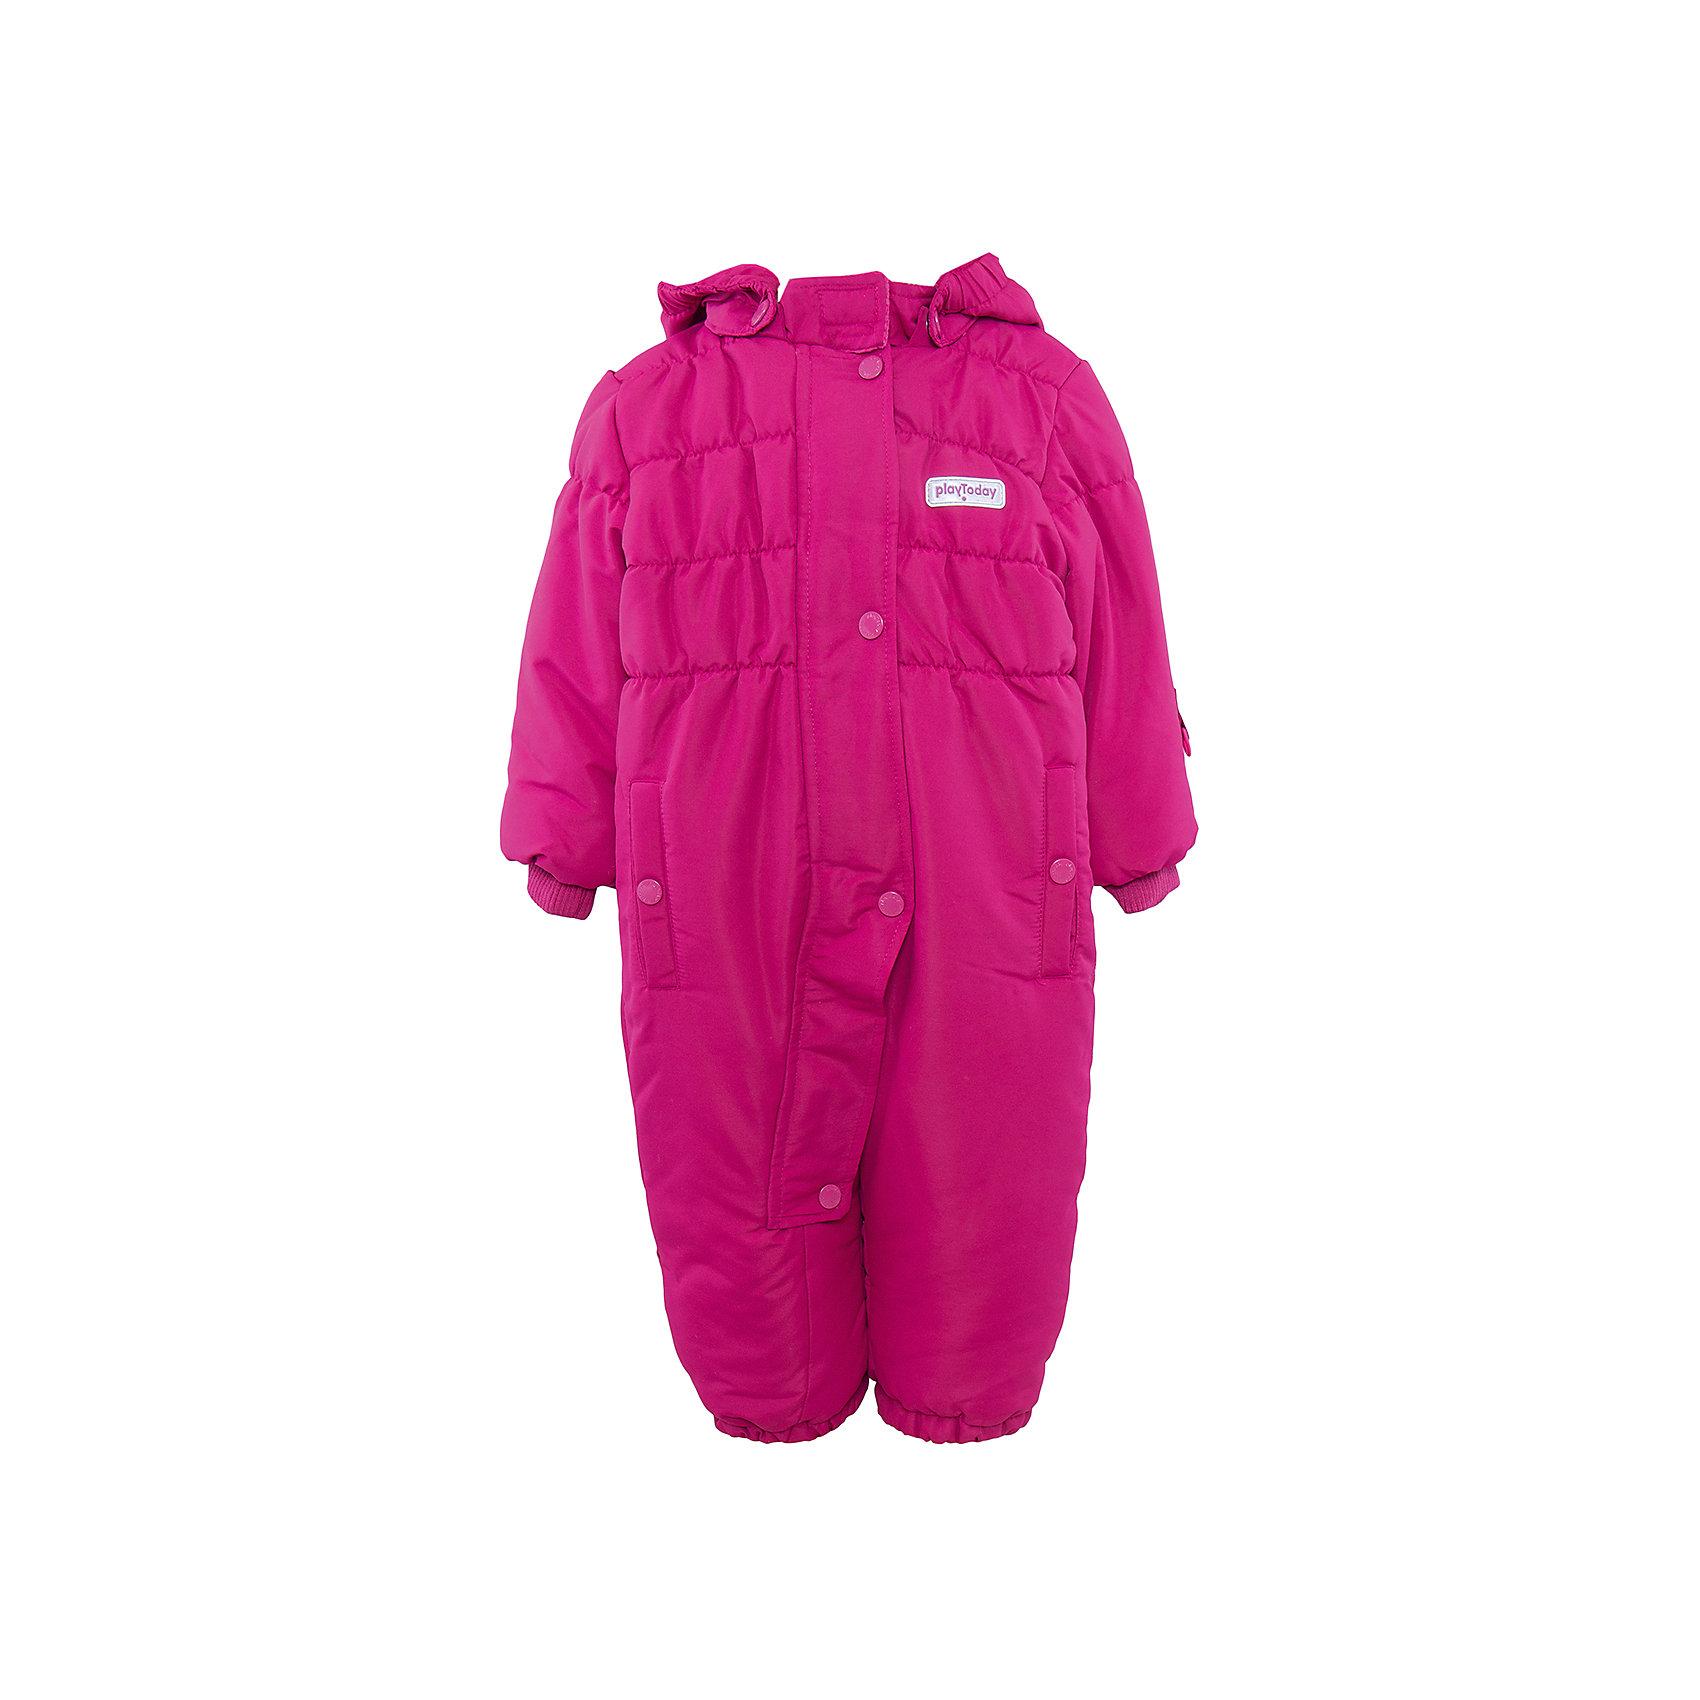 Комбинезон для девочки PlayTodayВерхняя одежда<br>Комбинезон для девочки от известного бренда PlayToday.<br>Уютный теплый комбинезон с капюшоном. Яркий цвет поднимет настроение и согреет в холодную погоду.<br>Внутри мягкая стеганая велюровая подкладка. Застегивается на молнию, есть ветрозащитная планка на кнопках, как на спортивной одежде. Капюшон удобно отстегивается. Воротник на липучке. Рукава и низ штанишек на резинке, есть два функциональных кармашка на кнопках. Специальная резинка на пуговицах позволяет закреплять комбинезон под обувью.<br>Состав:<br>Верх: 100% полиэстер, подкладка: 80% хлопок, 20% полиэстер, Утеплитель 100% полиэстер, 300 г/м2<br><br>Ширина мм: 157<br>Глубина мм: 13<br>Высота мм: 119<br>Вес г: 200<br>Цвет: малиновый<br>Возраст от месяцев: 6<br>Возраст до месяцев: 9<br>Пол: Женский<br>Возраст: Детский<br>Размер: 74,80,86,92<br>SKU: 4901206